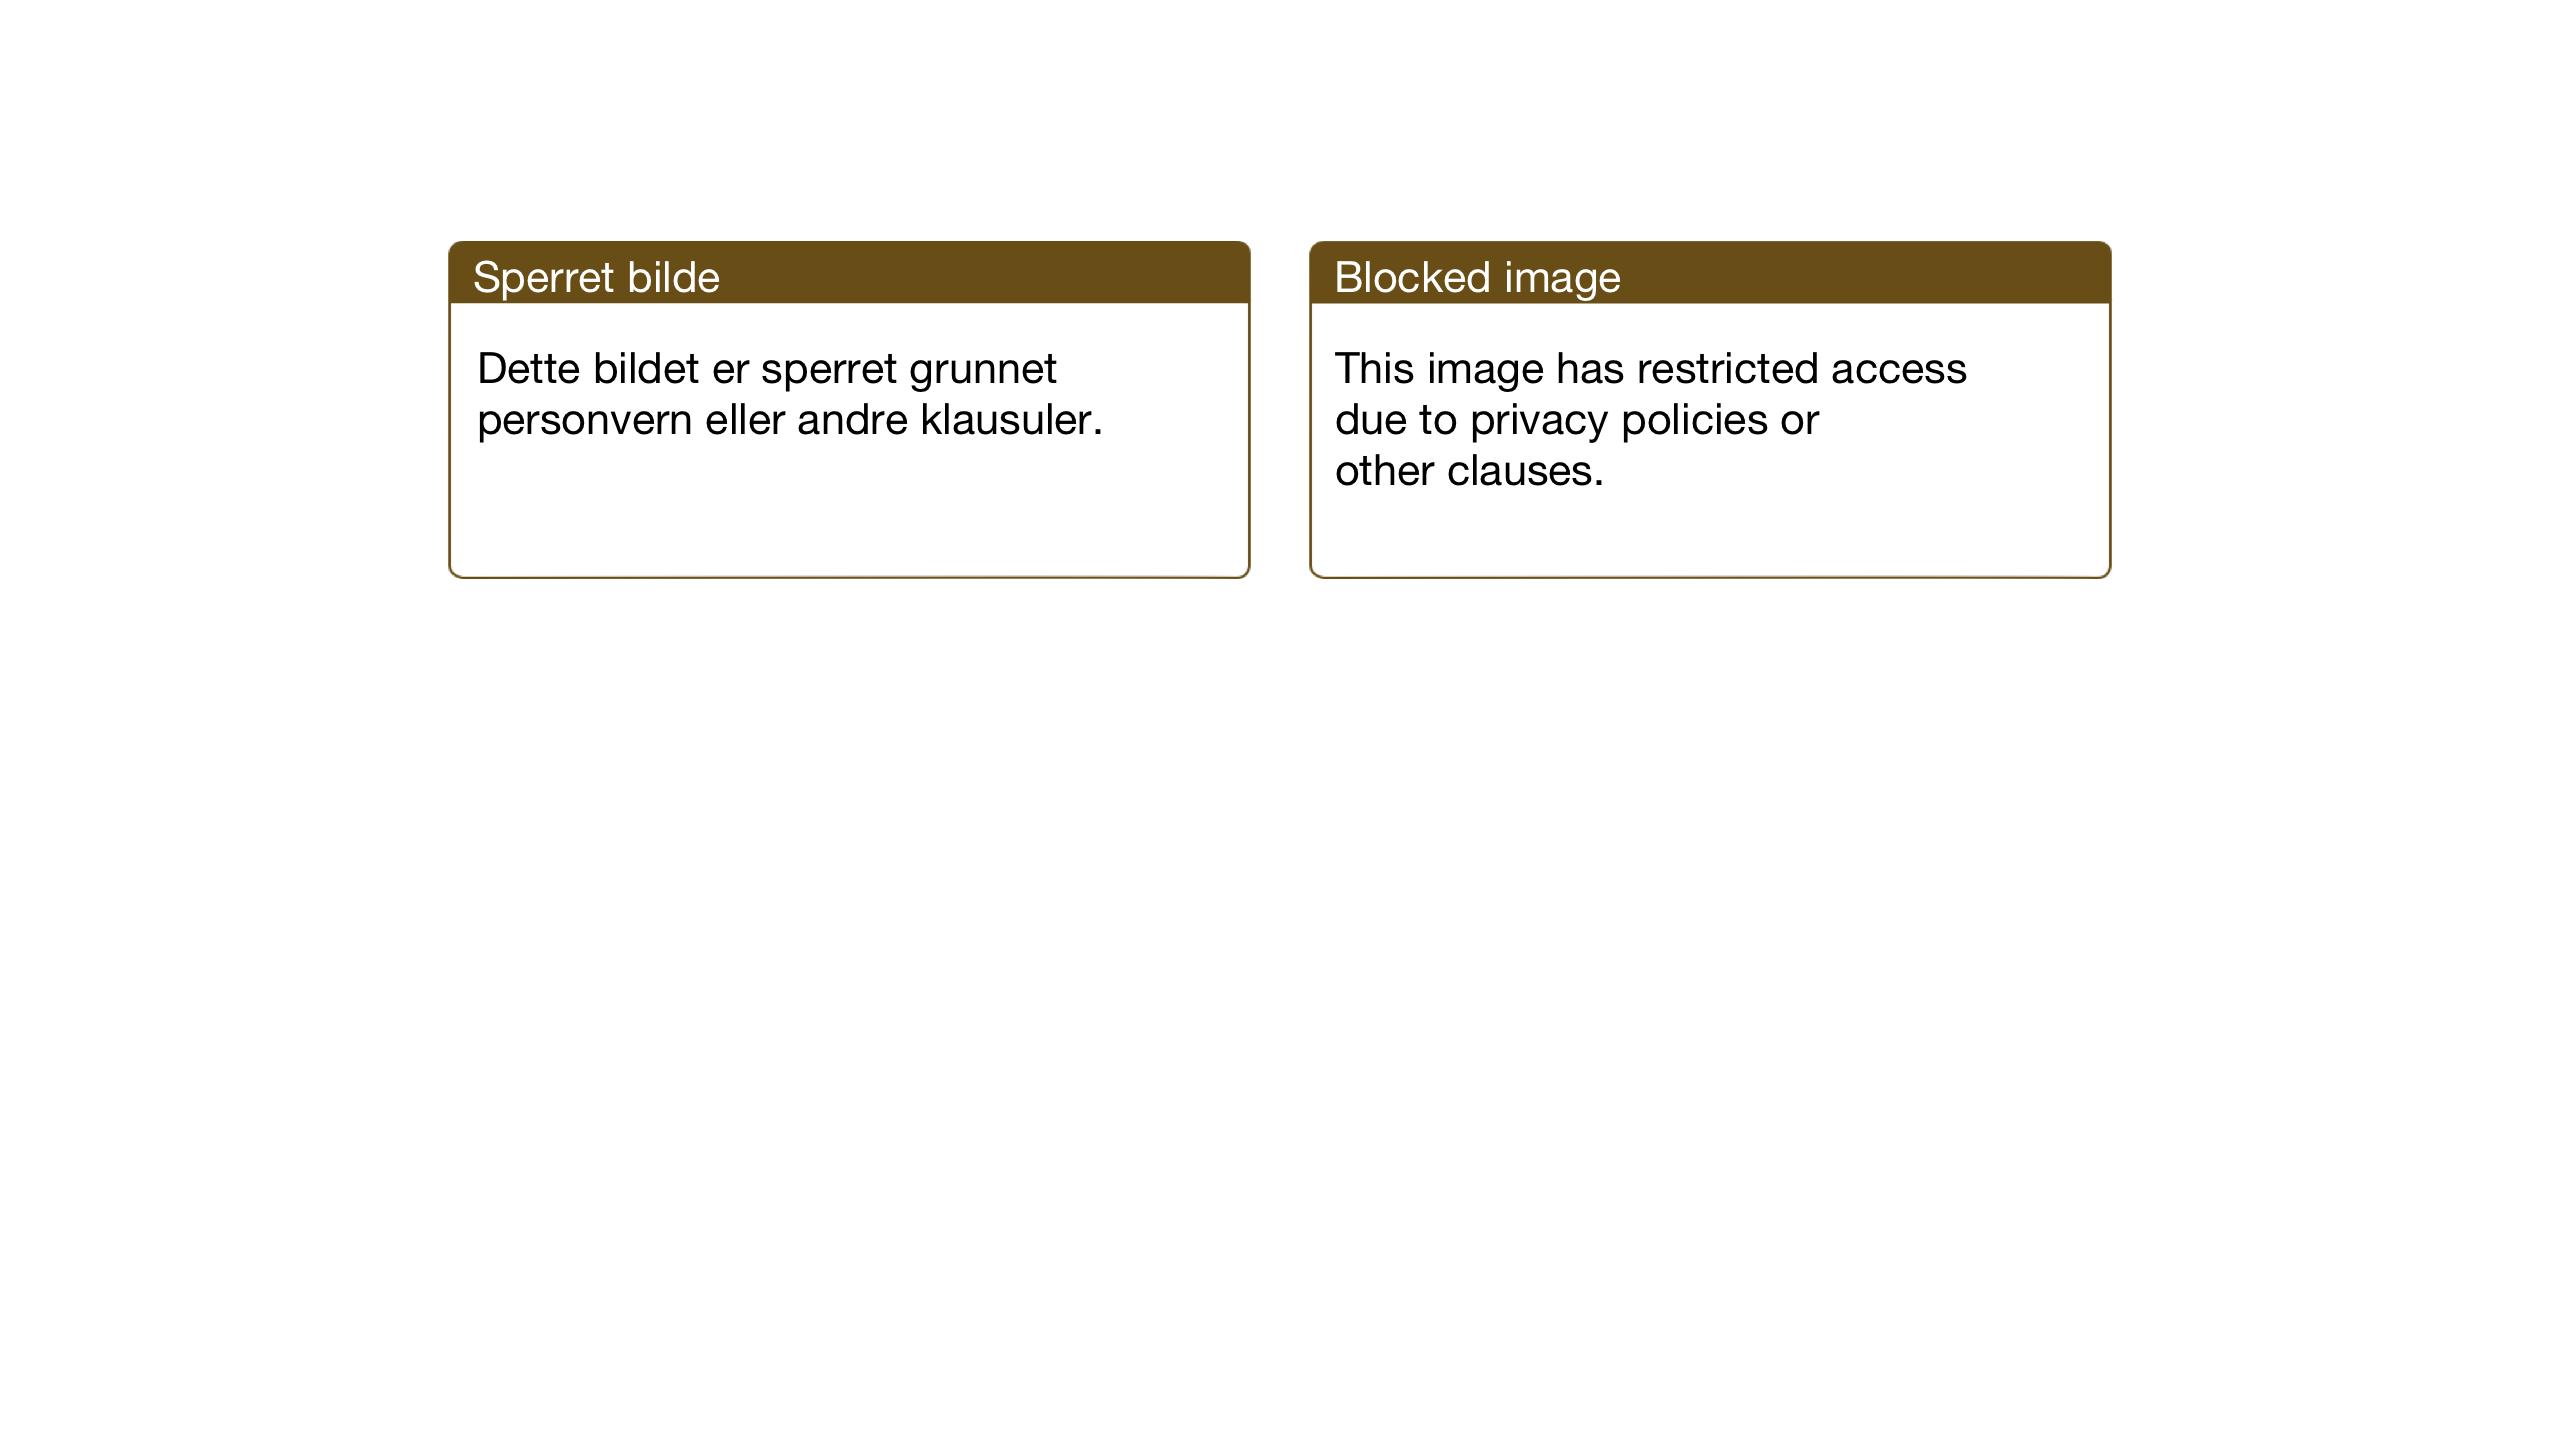 SAT, Ministerialprotokoller, klokkerbøker og fødselsregistre - Nord-Trøndelag, 709/L0089: Klokkerbok nr. 709C03, 1935-1948, s. 140